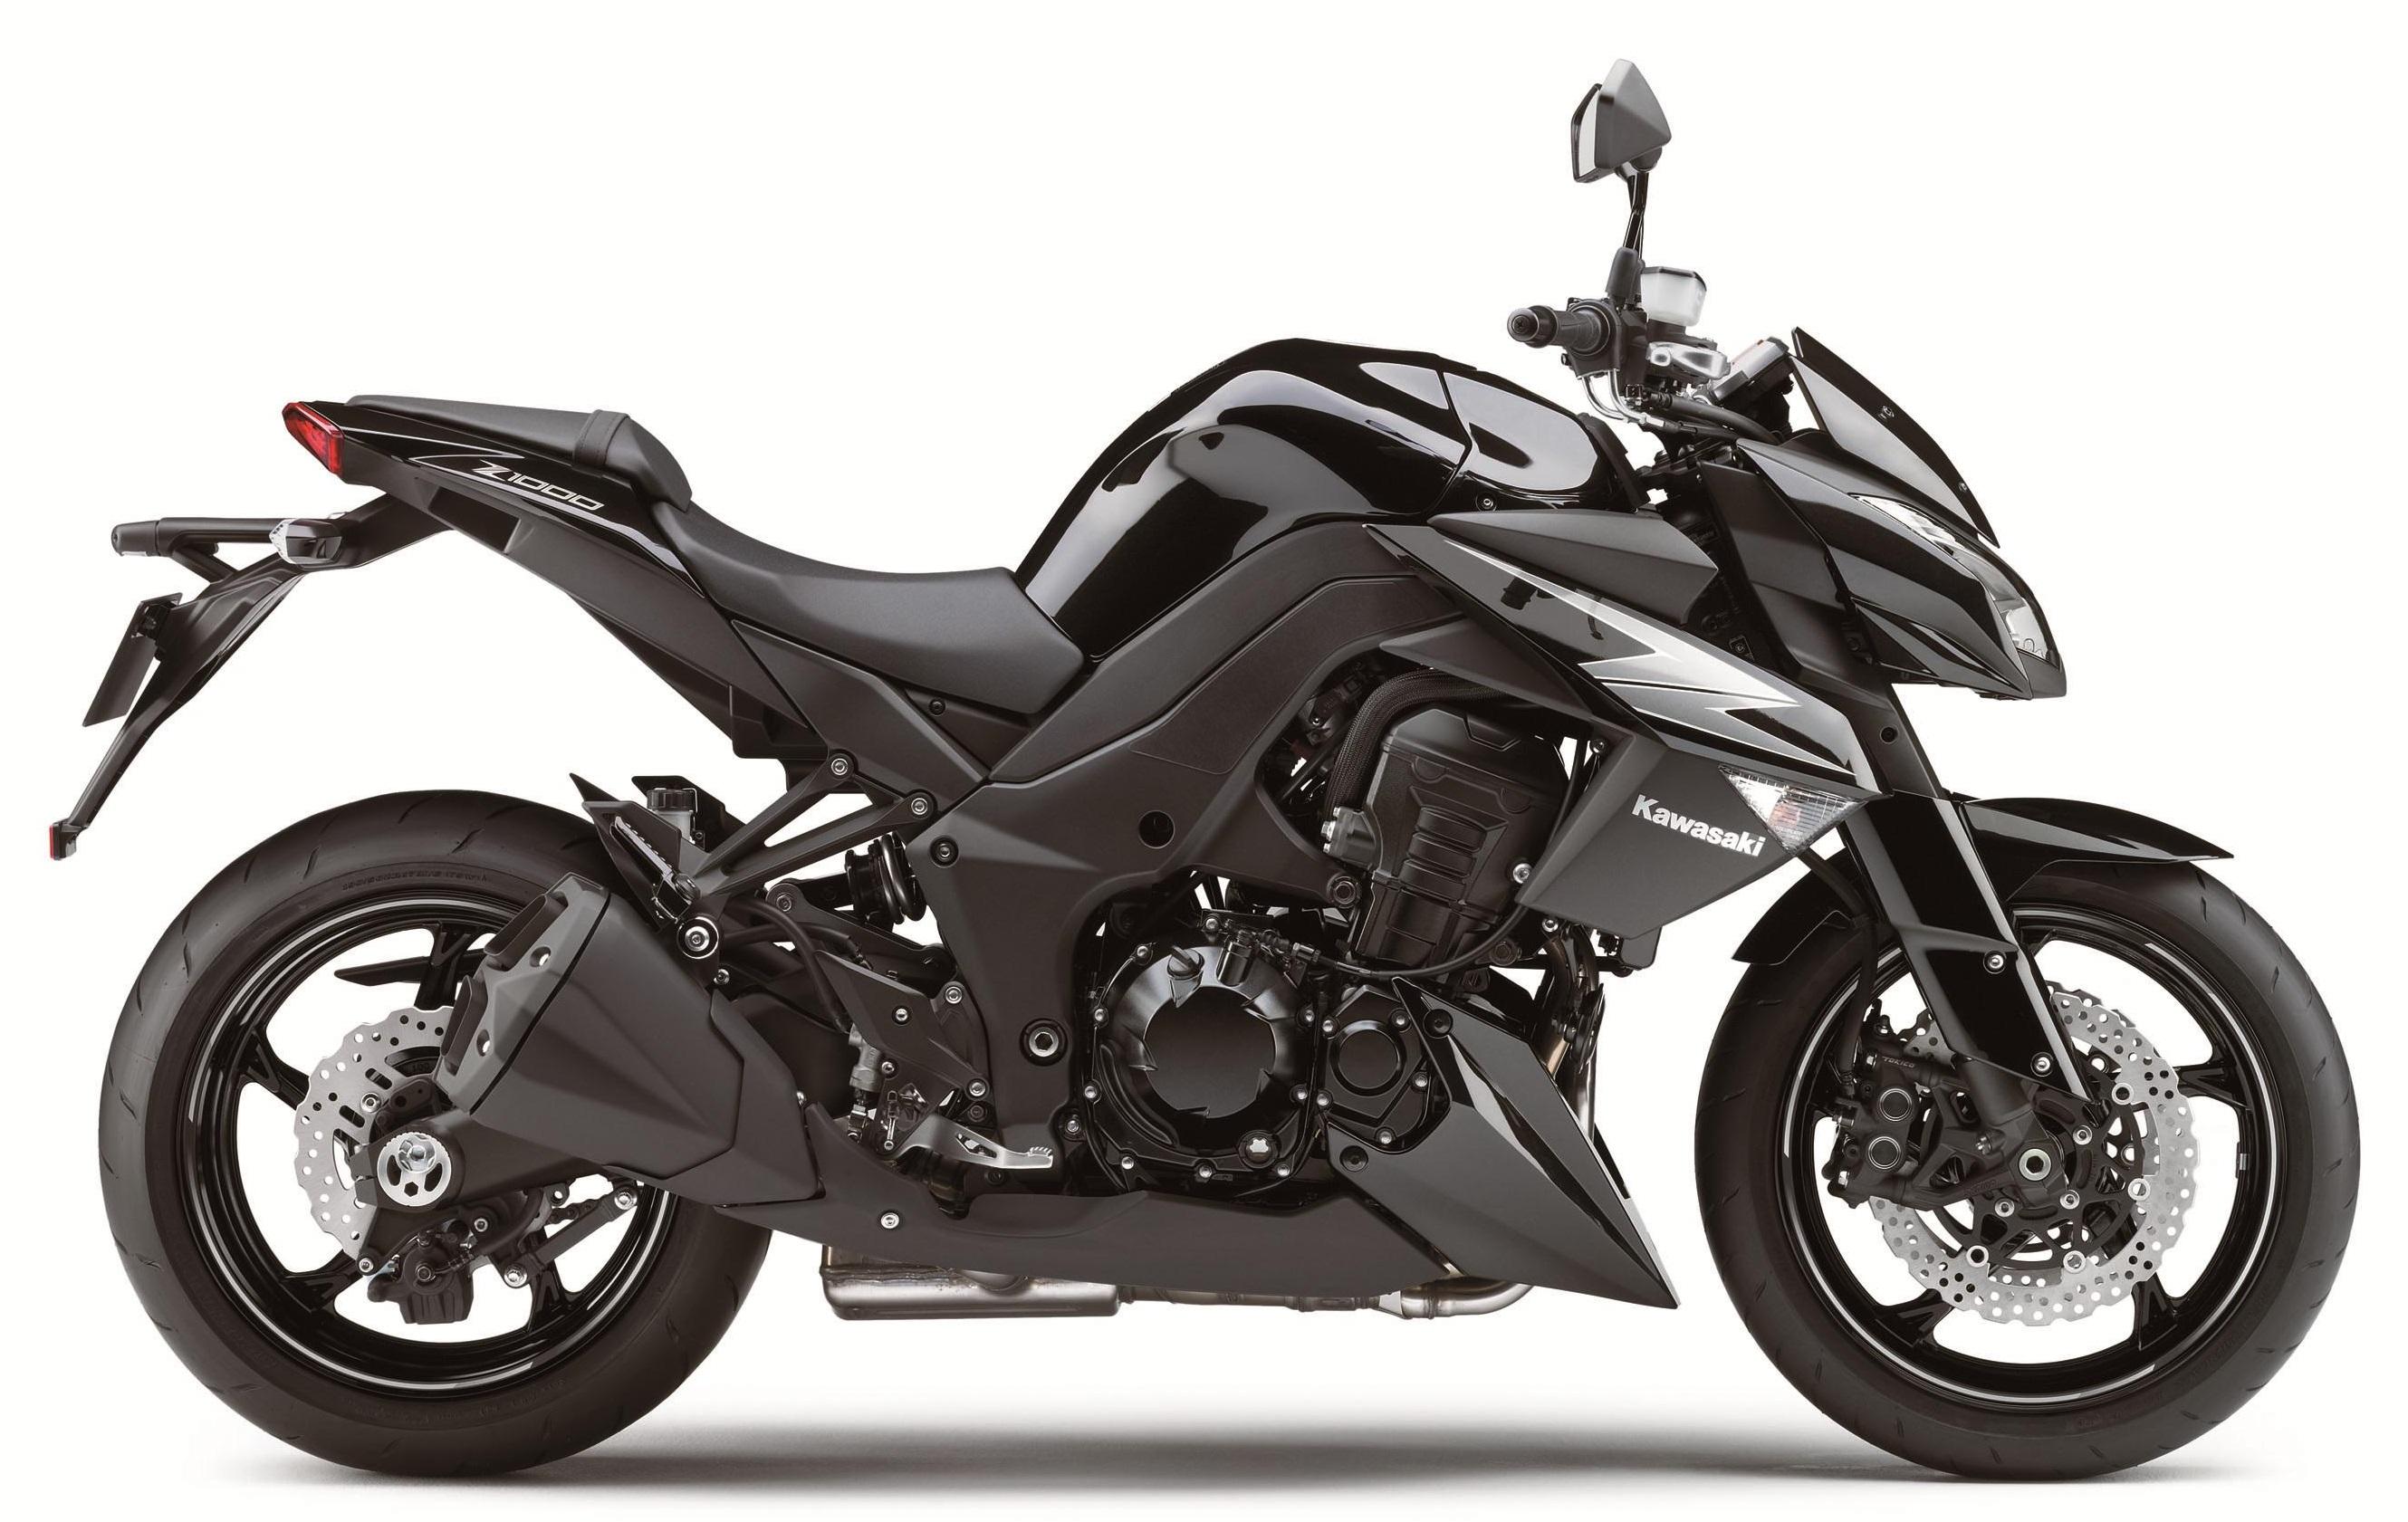 For Sale Kawasaki Z1000 The Bike Market